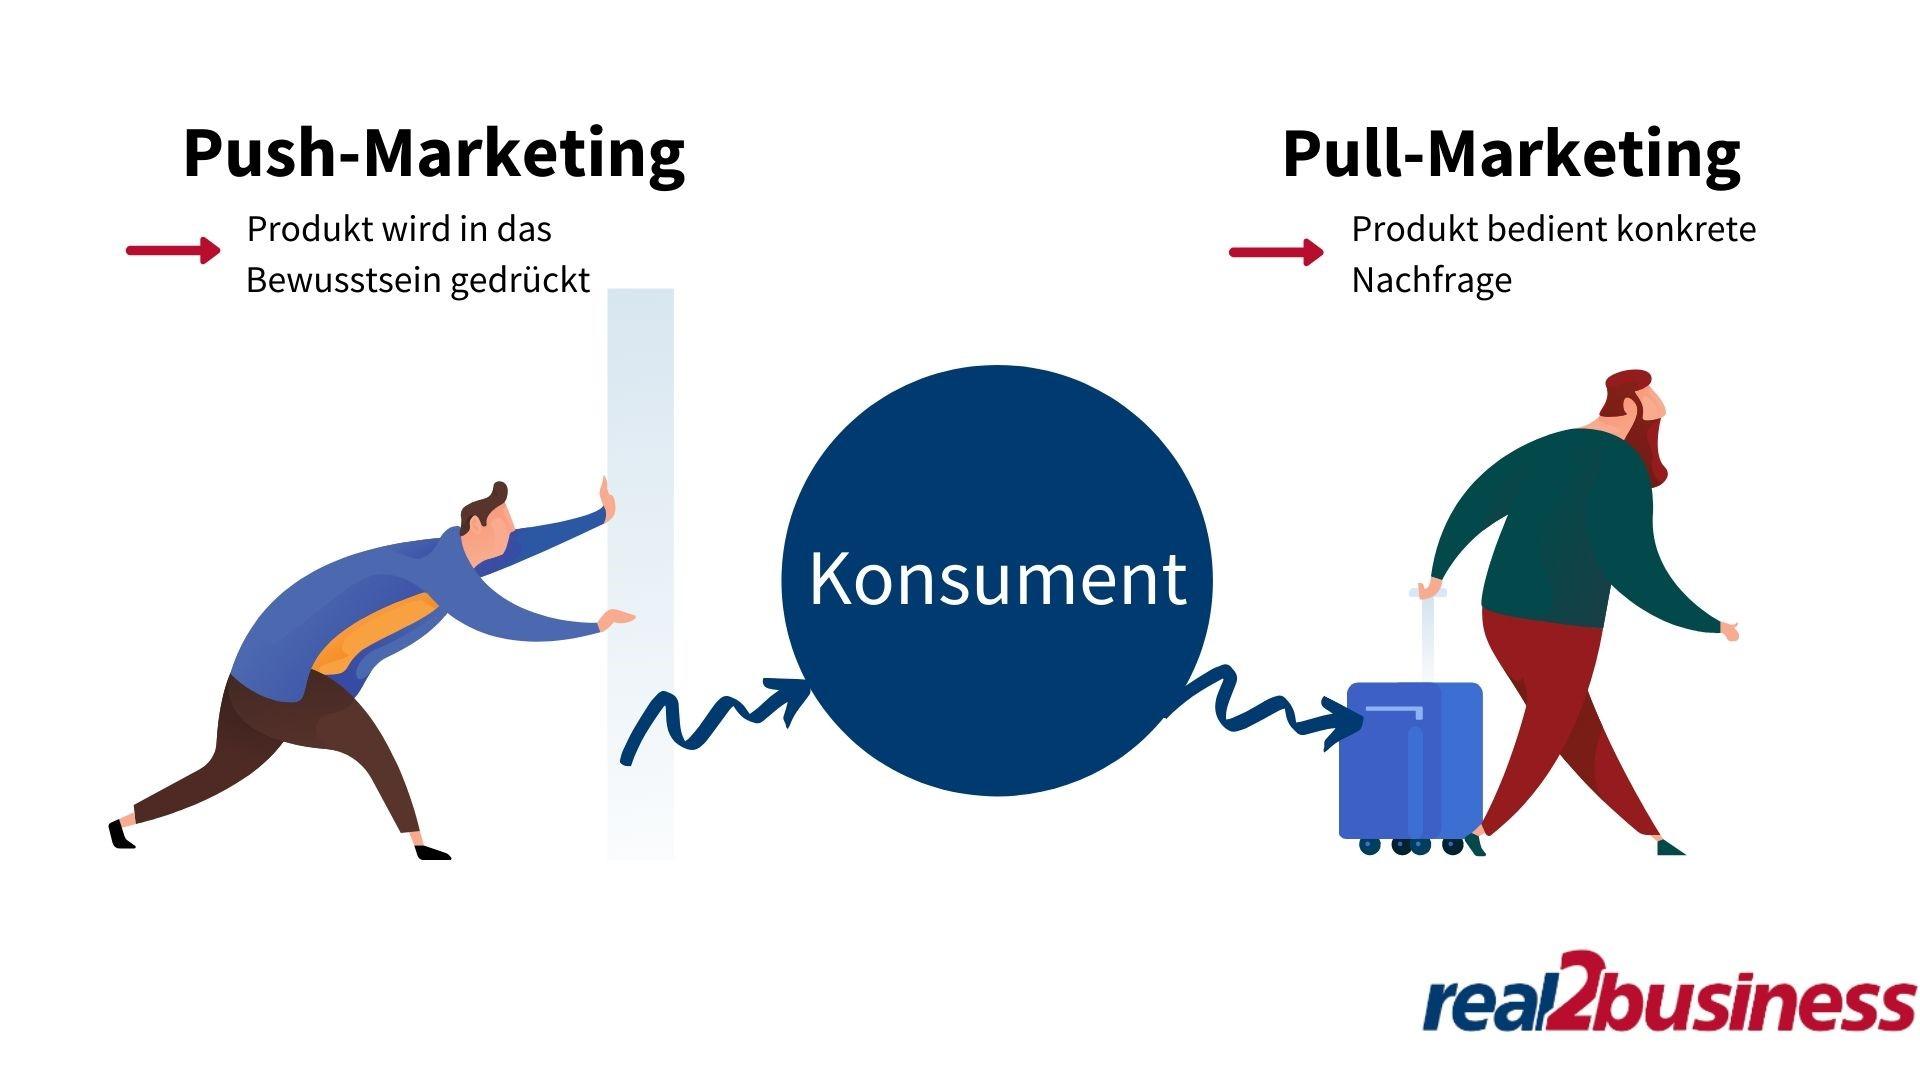 Push-Marketing vs. Pull-Marketing